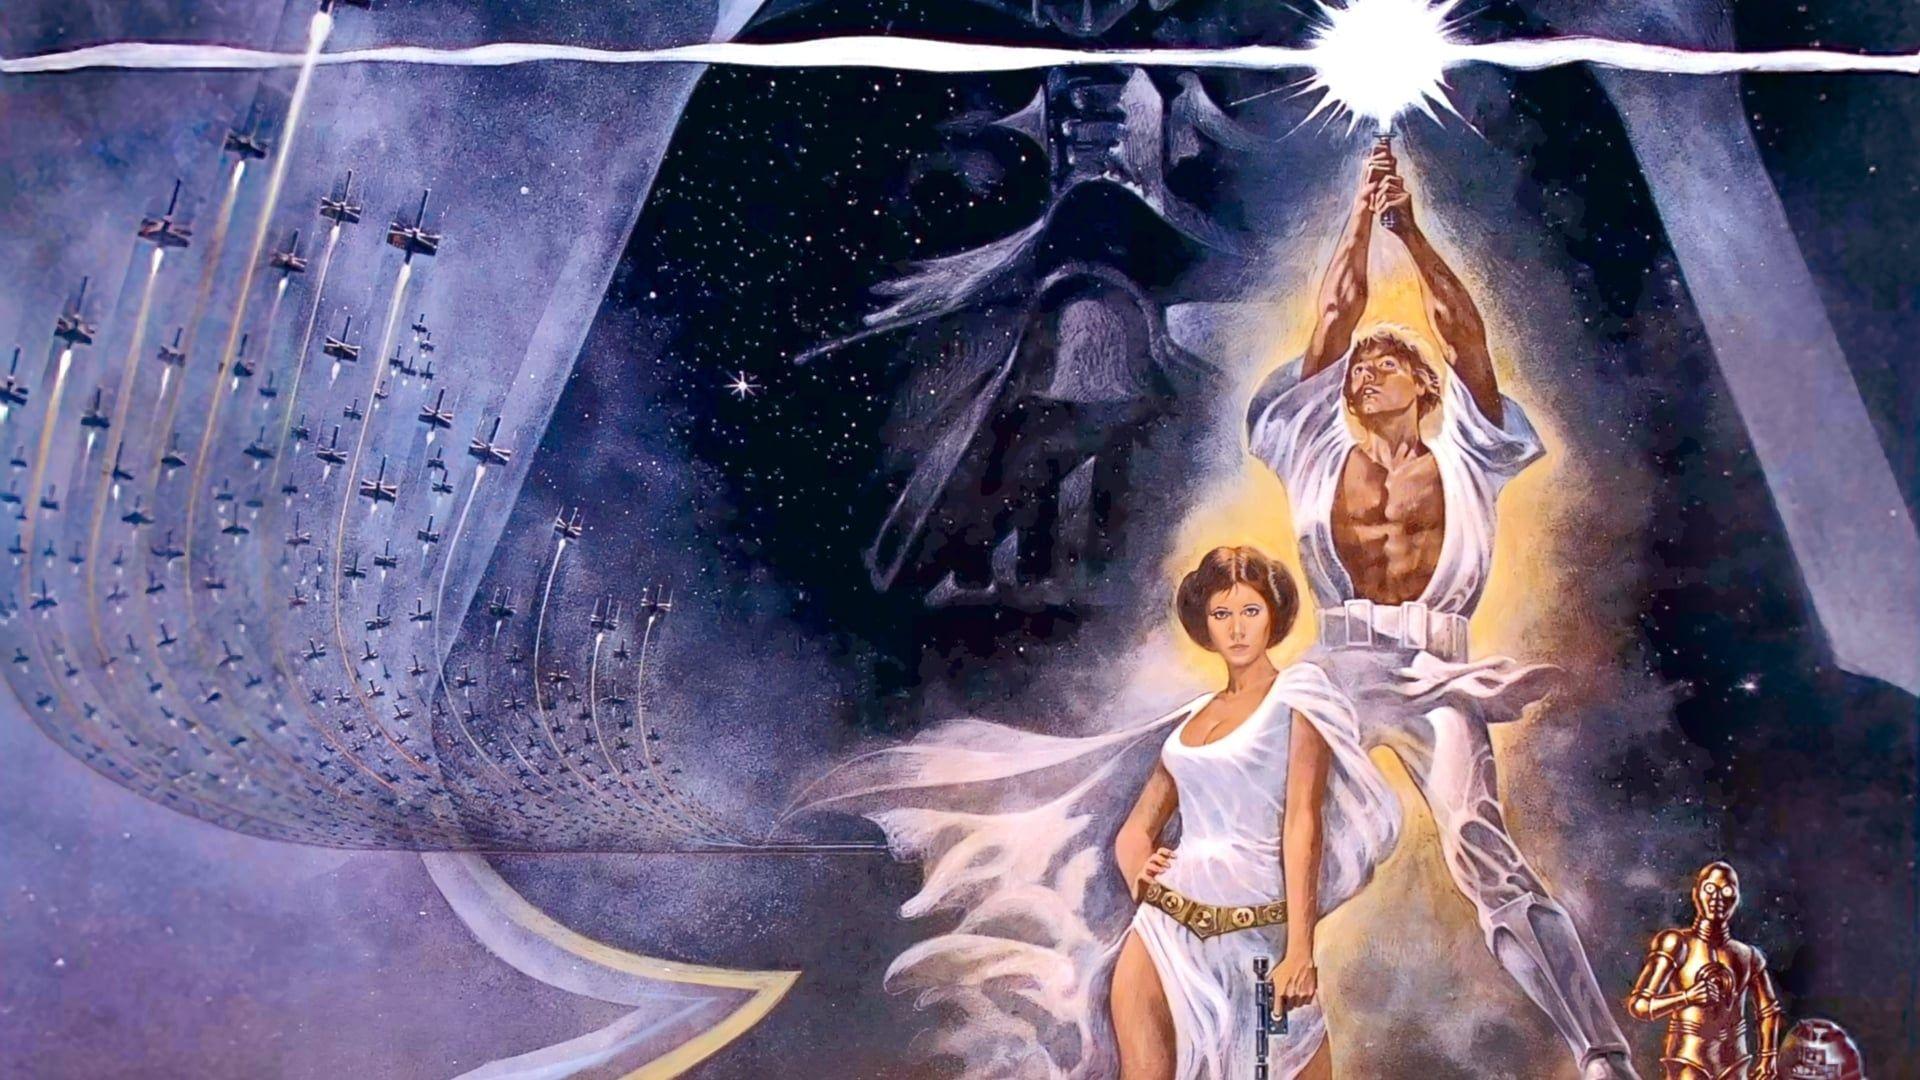 Krieg Der Sterne 1977 Ganzer Film Deutsch Komplett Kino Krieg Der Sterne 1977complete Film Deutsch Krieg Der S Star Wars Film Prinzessin Leia Jedi Ritter